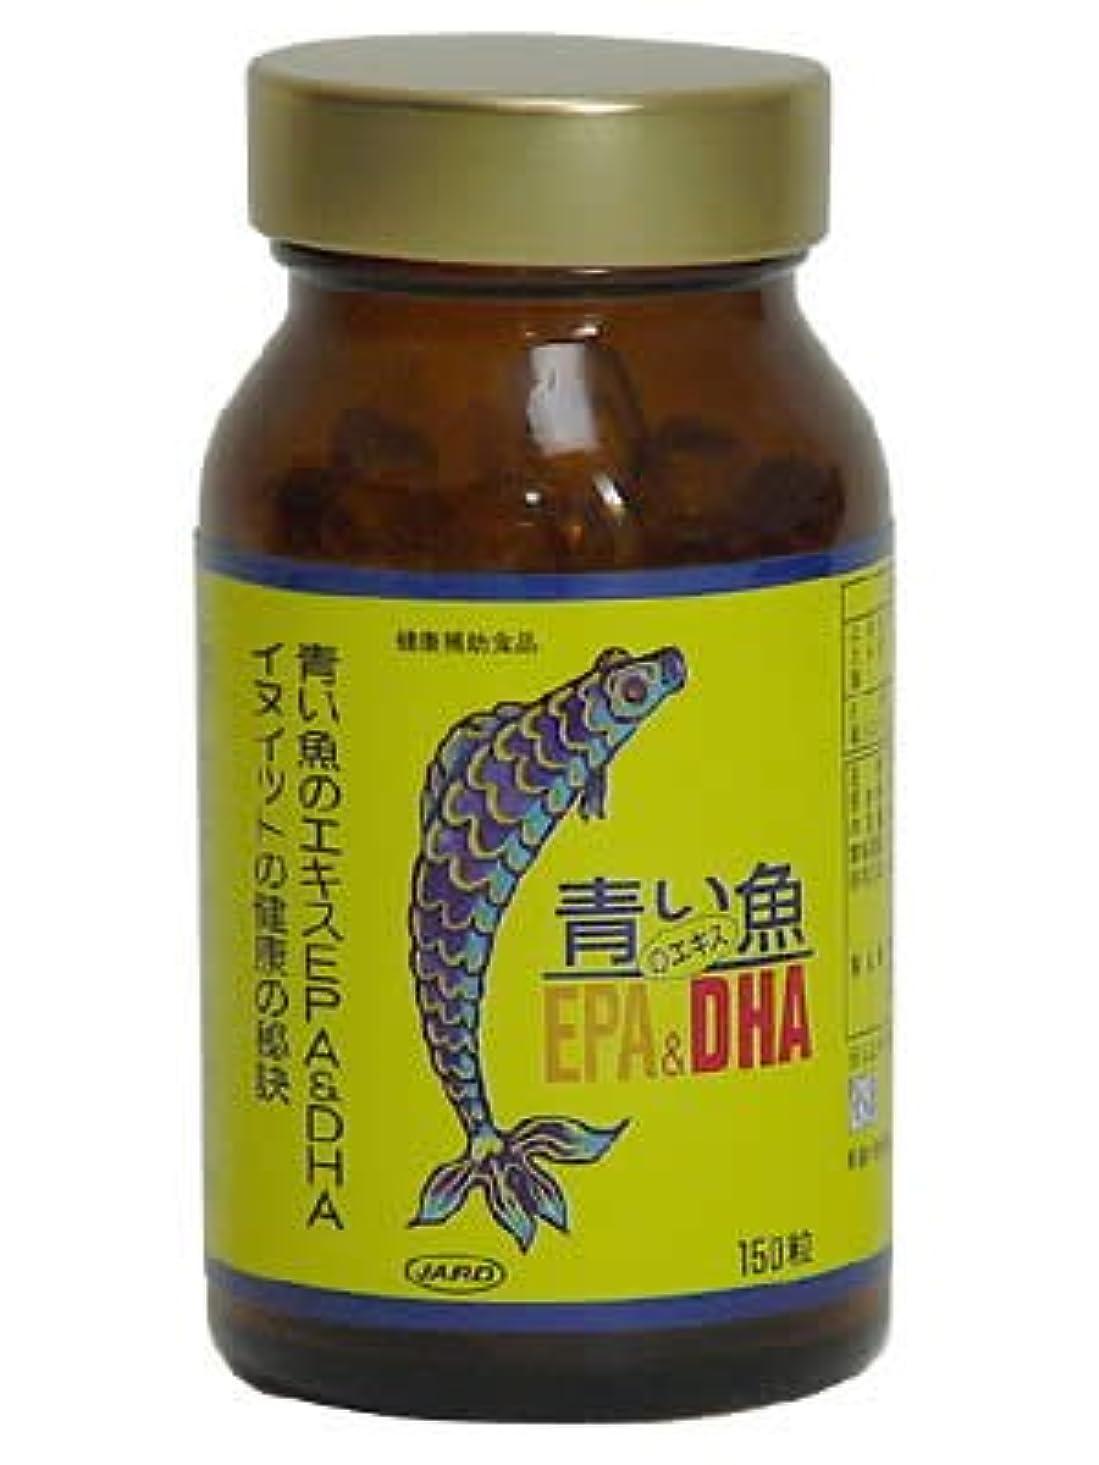 情緒的暖かく振り返る青い魚のエキス EPA&DHA 150粒